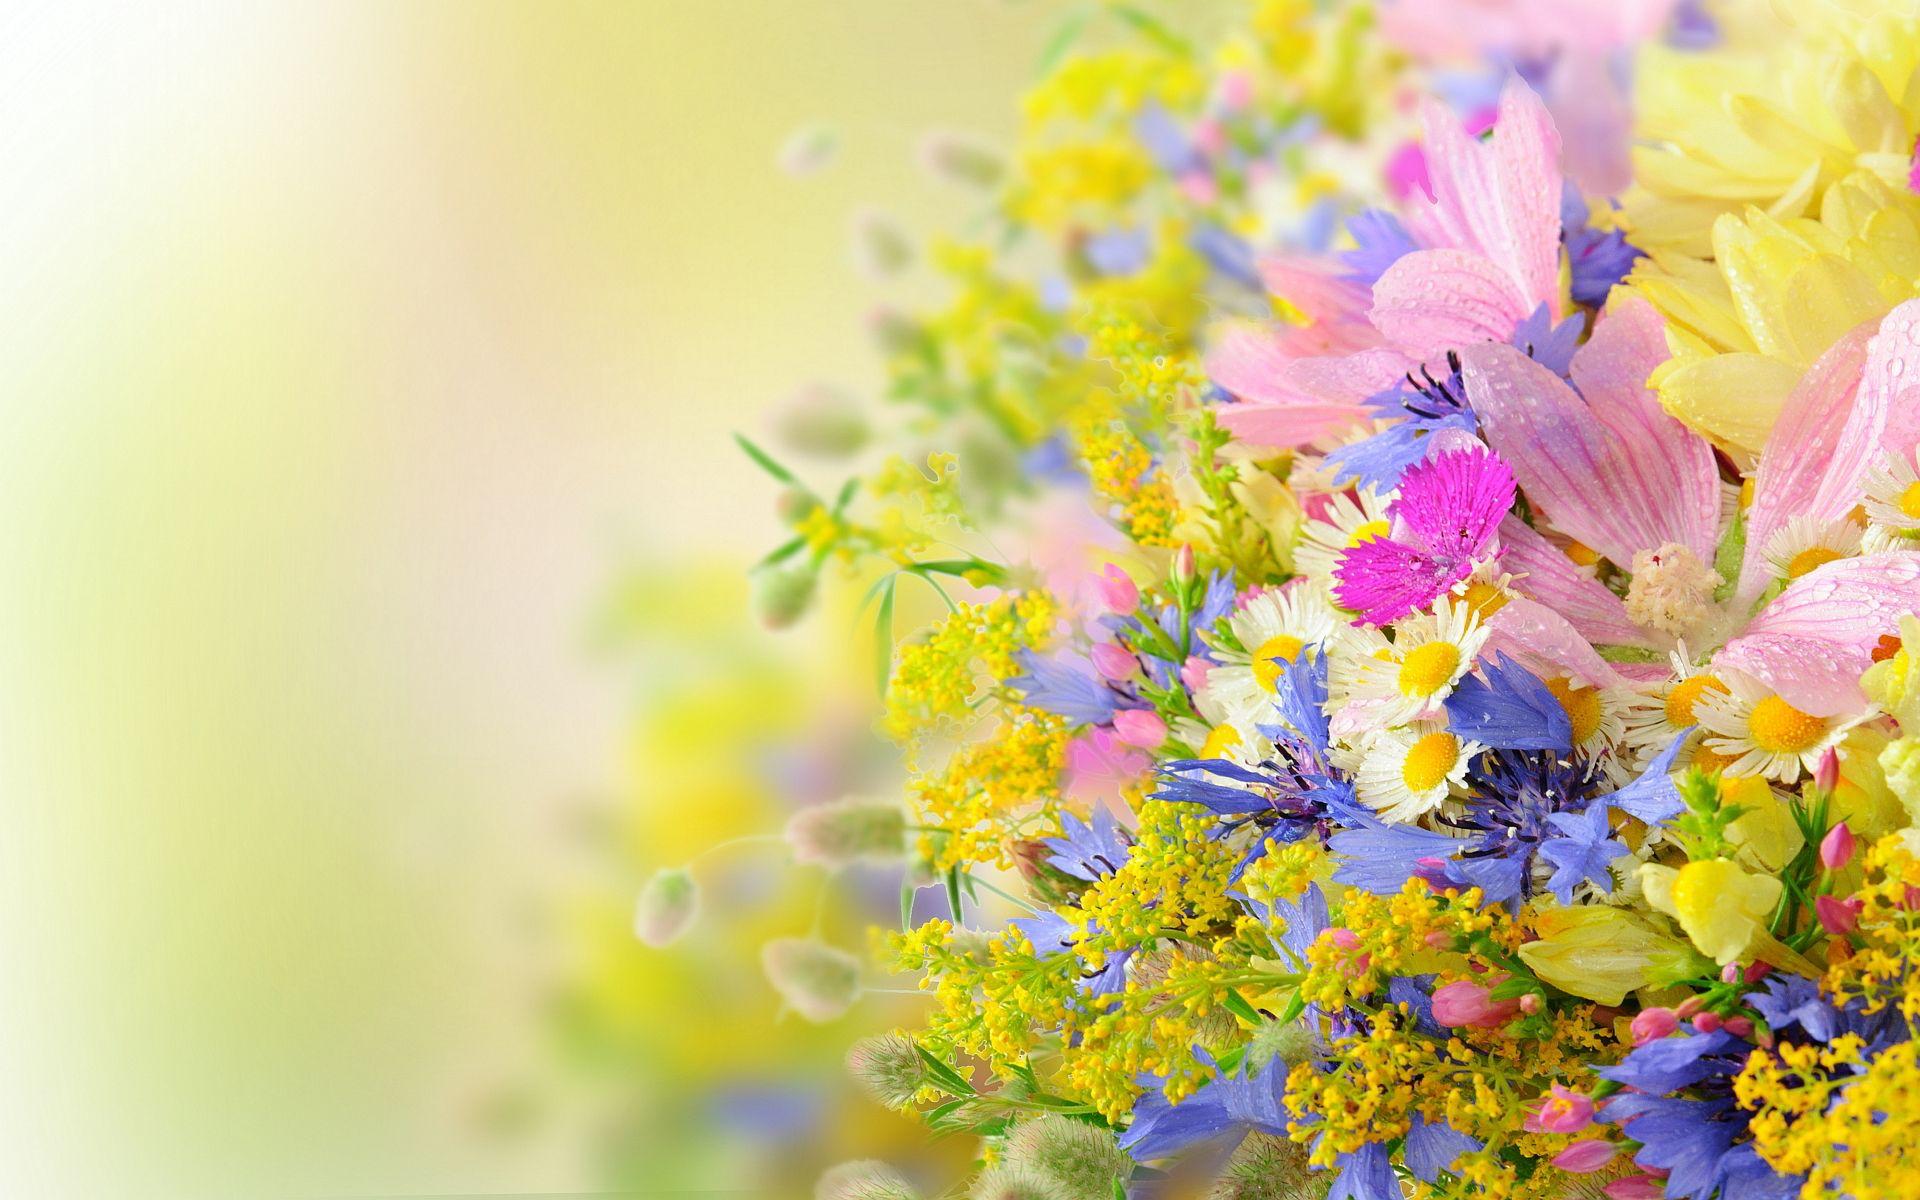 23 amazing flowers ndash - photo #38